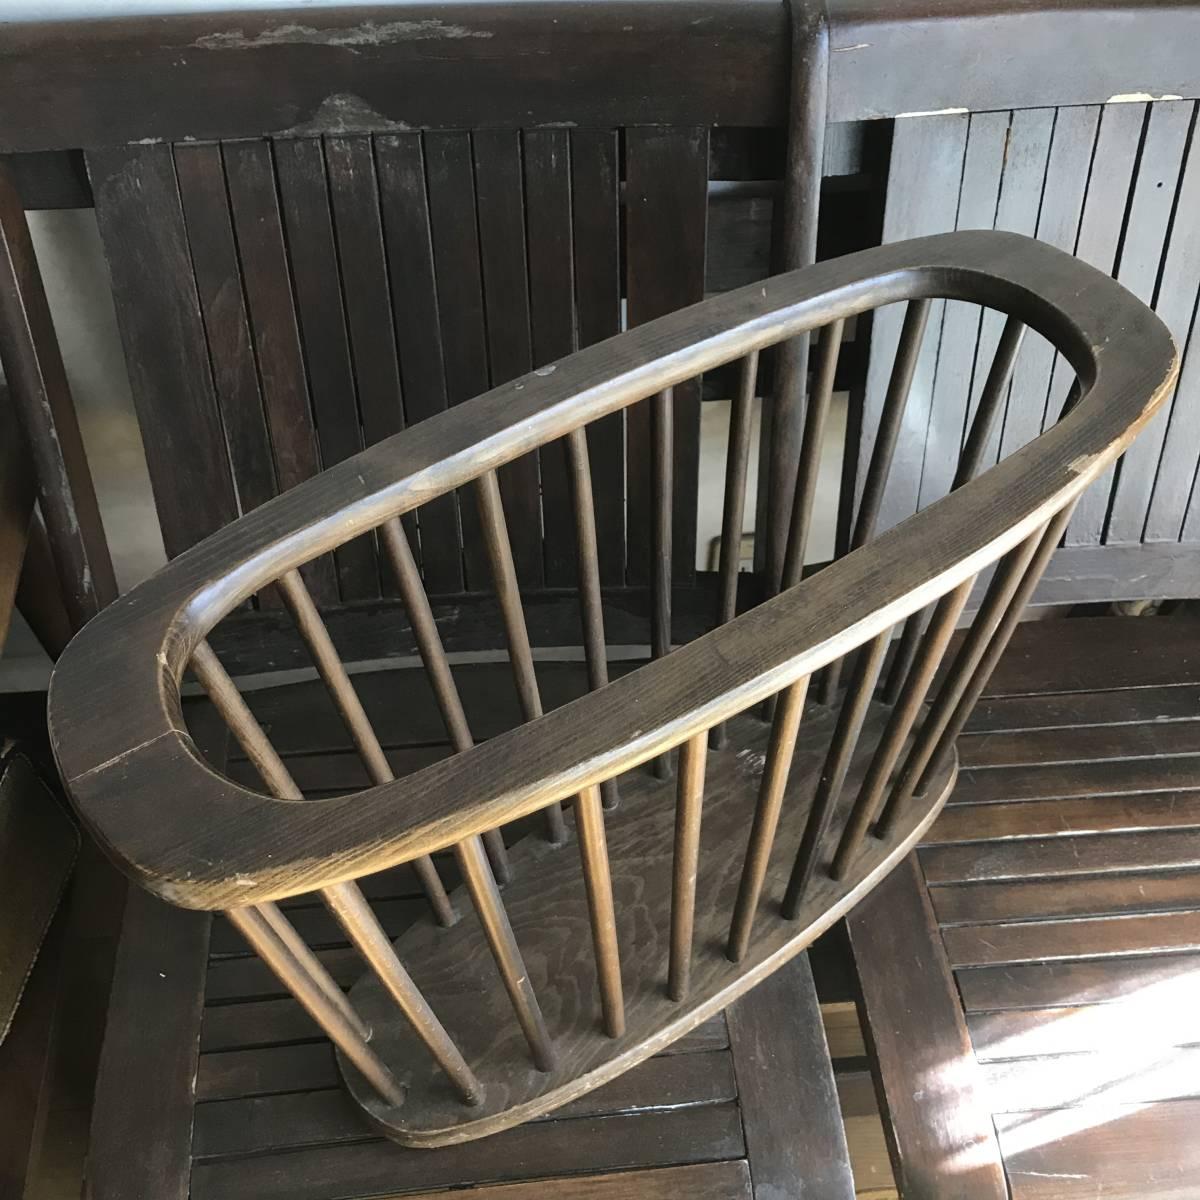 貴重!アメリカアンティーク Antique本の収納ラック 木製USA/カリフォルニア西海岸店舗什器ヴィンテージ50's60's70's_画像5